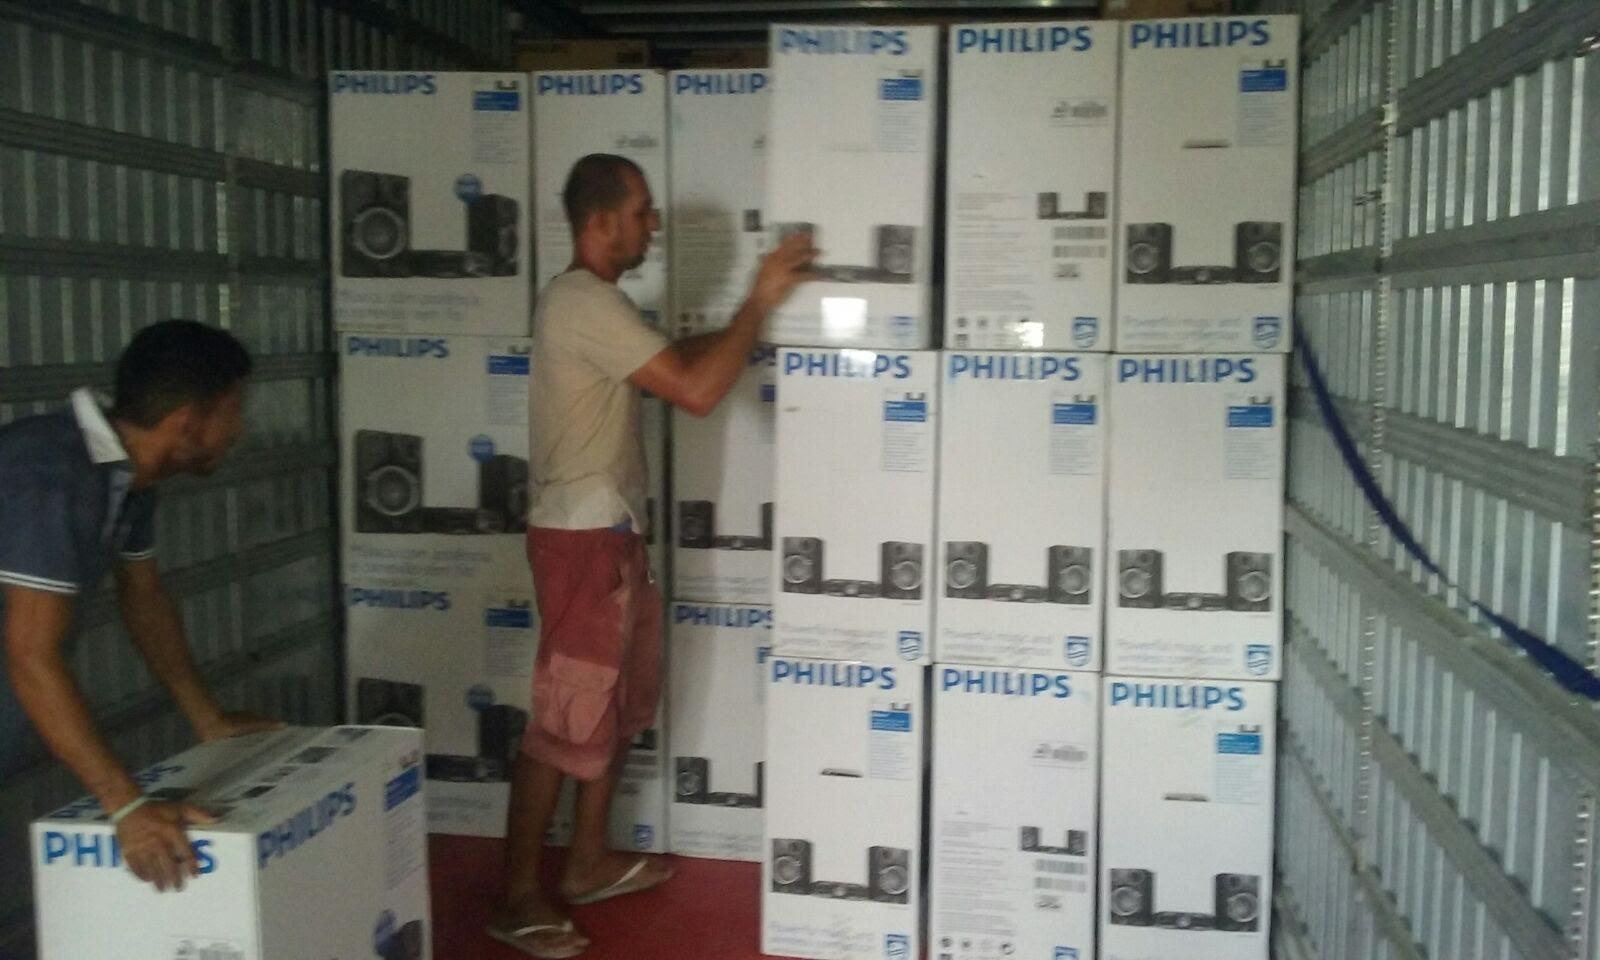 Polícia recupera carga de eletroeletrônicos avaliada em meio milhão de reais